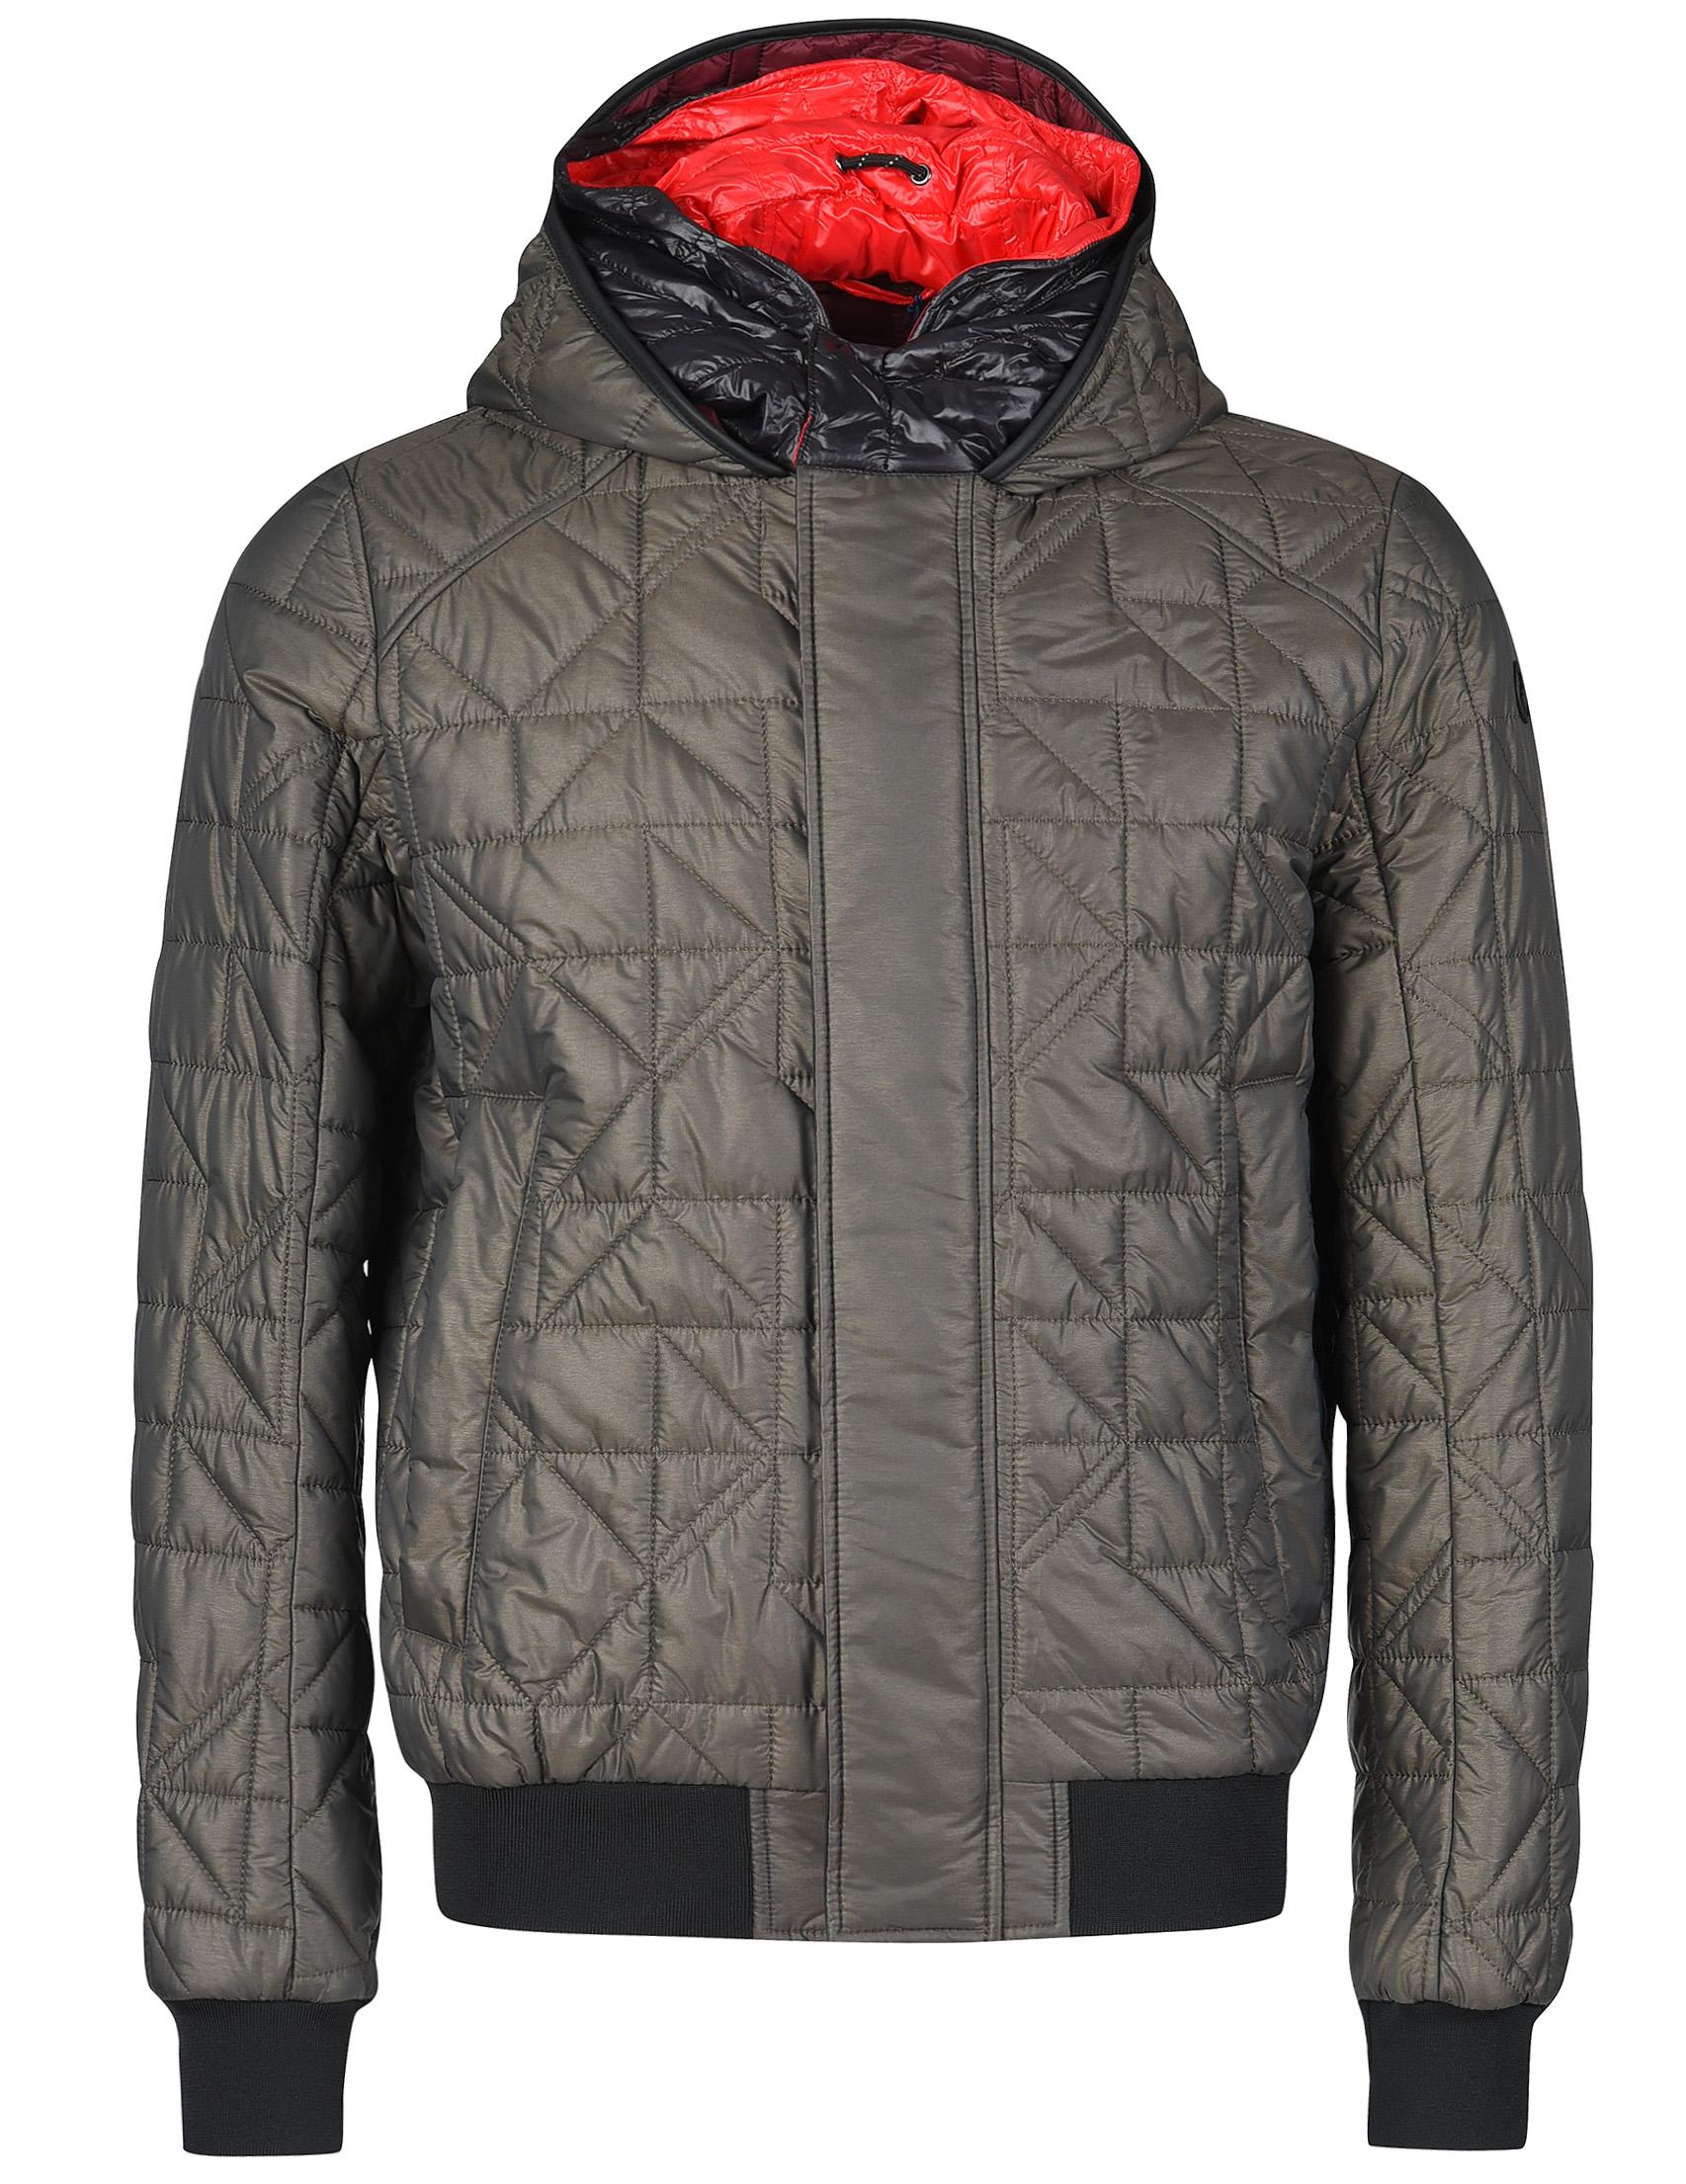 Купить Куртка, TRUSSARDI JEANS, Зеленый, 70%Полиамид 30%Полиэстер;100%Полиэстер, Осень-Зима